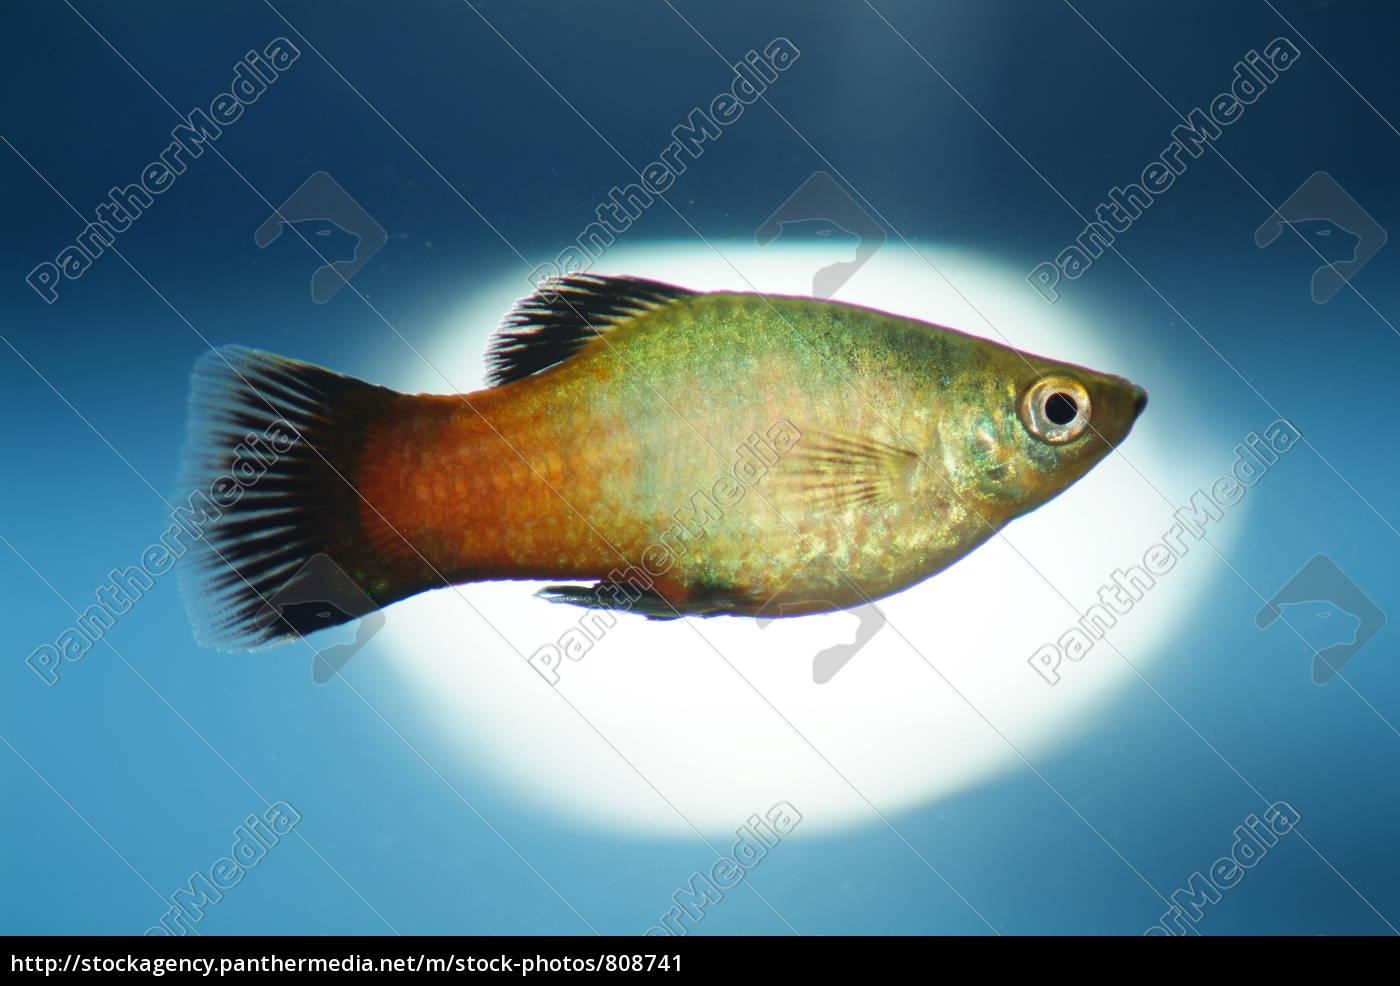 platy, in, the, aquarium - 808741